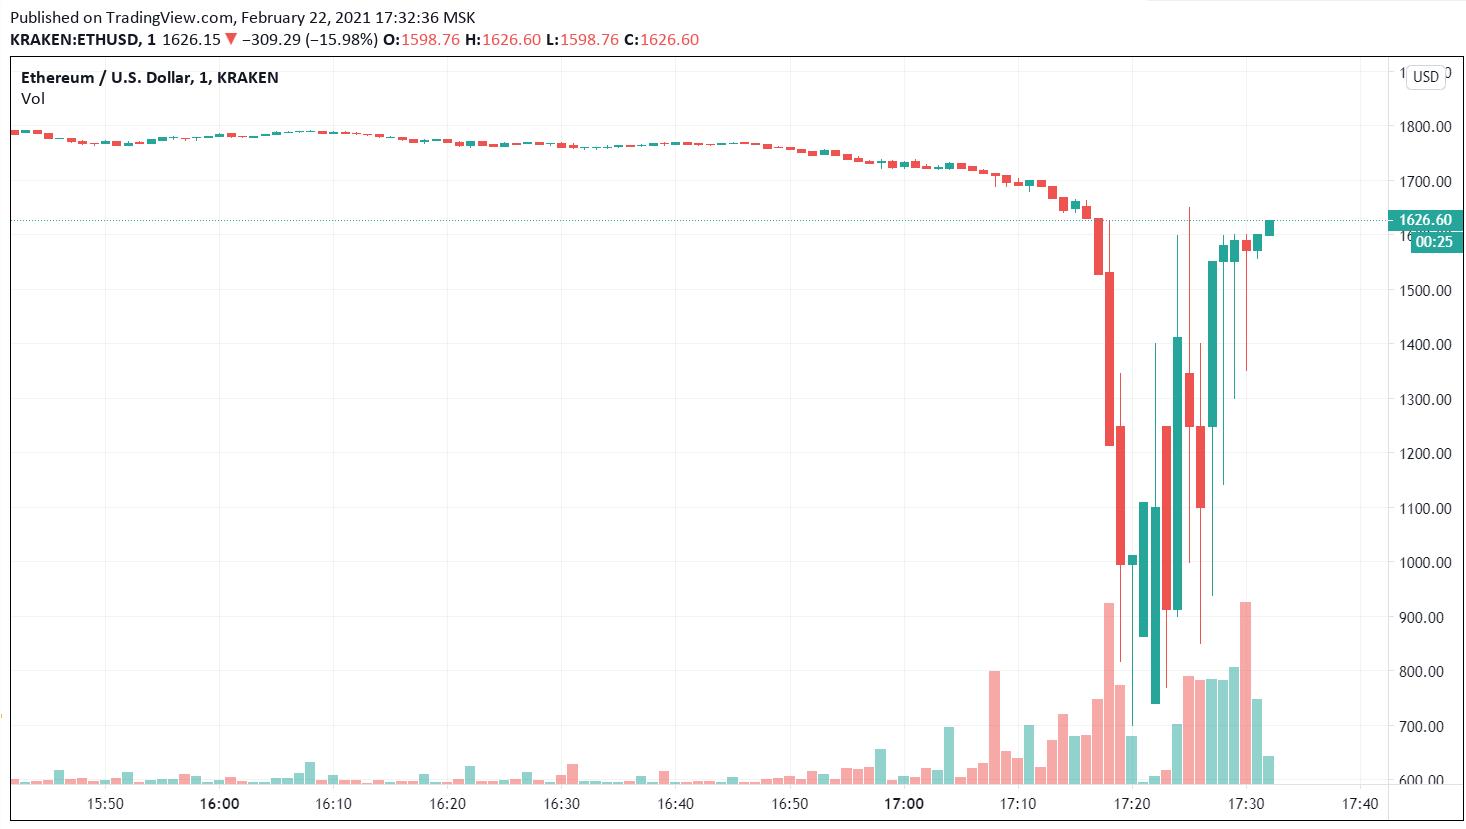 График цены ETH на Kraken.